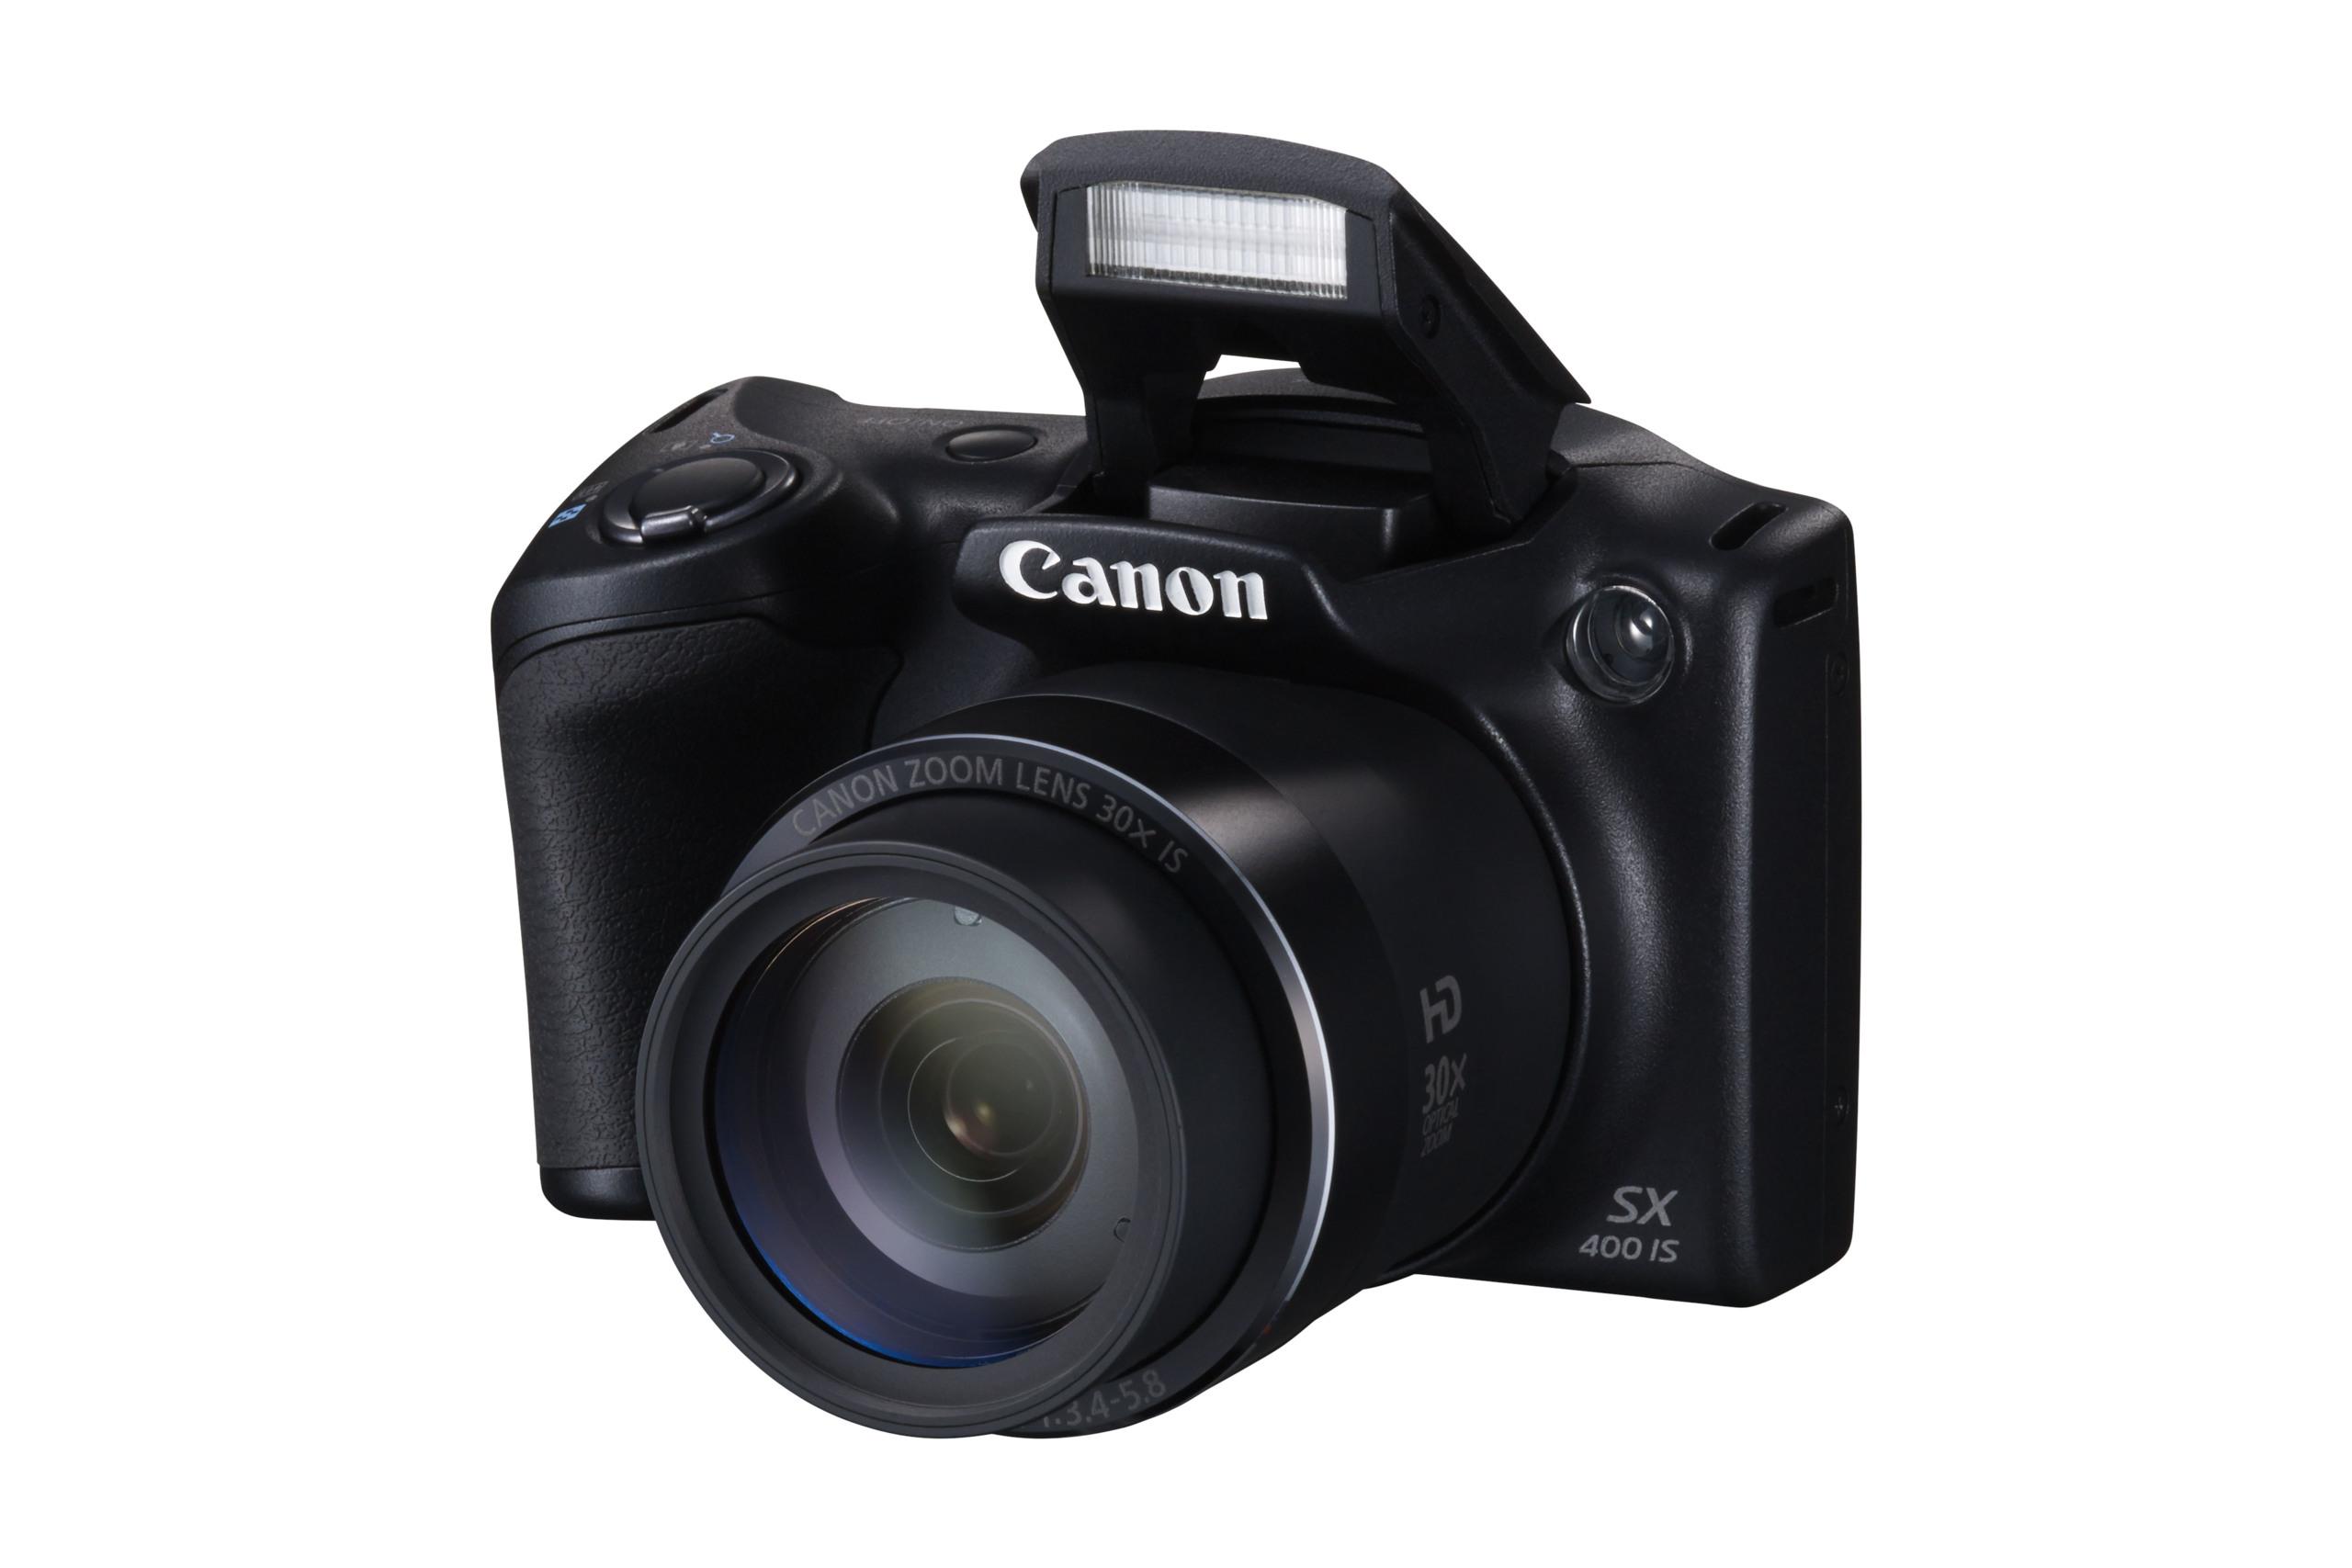 Foto de Canon PowerShot SX 520 HS y Canon Powershot SX400 IS (4/9)